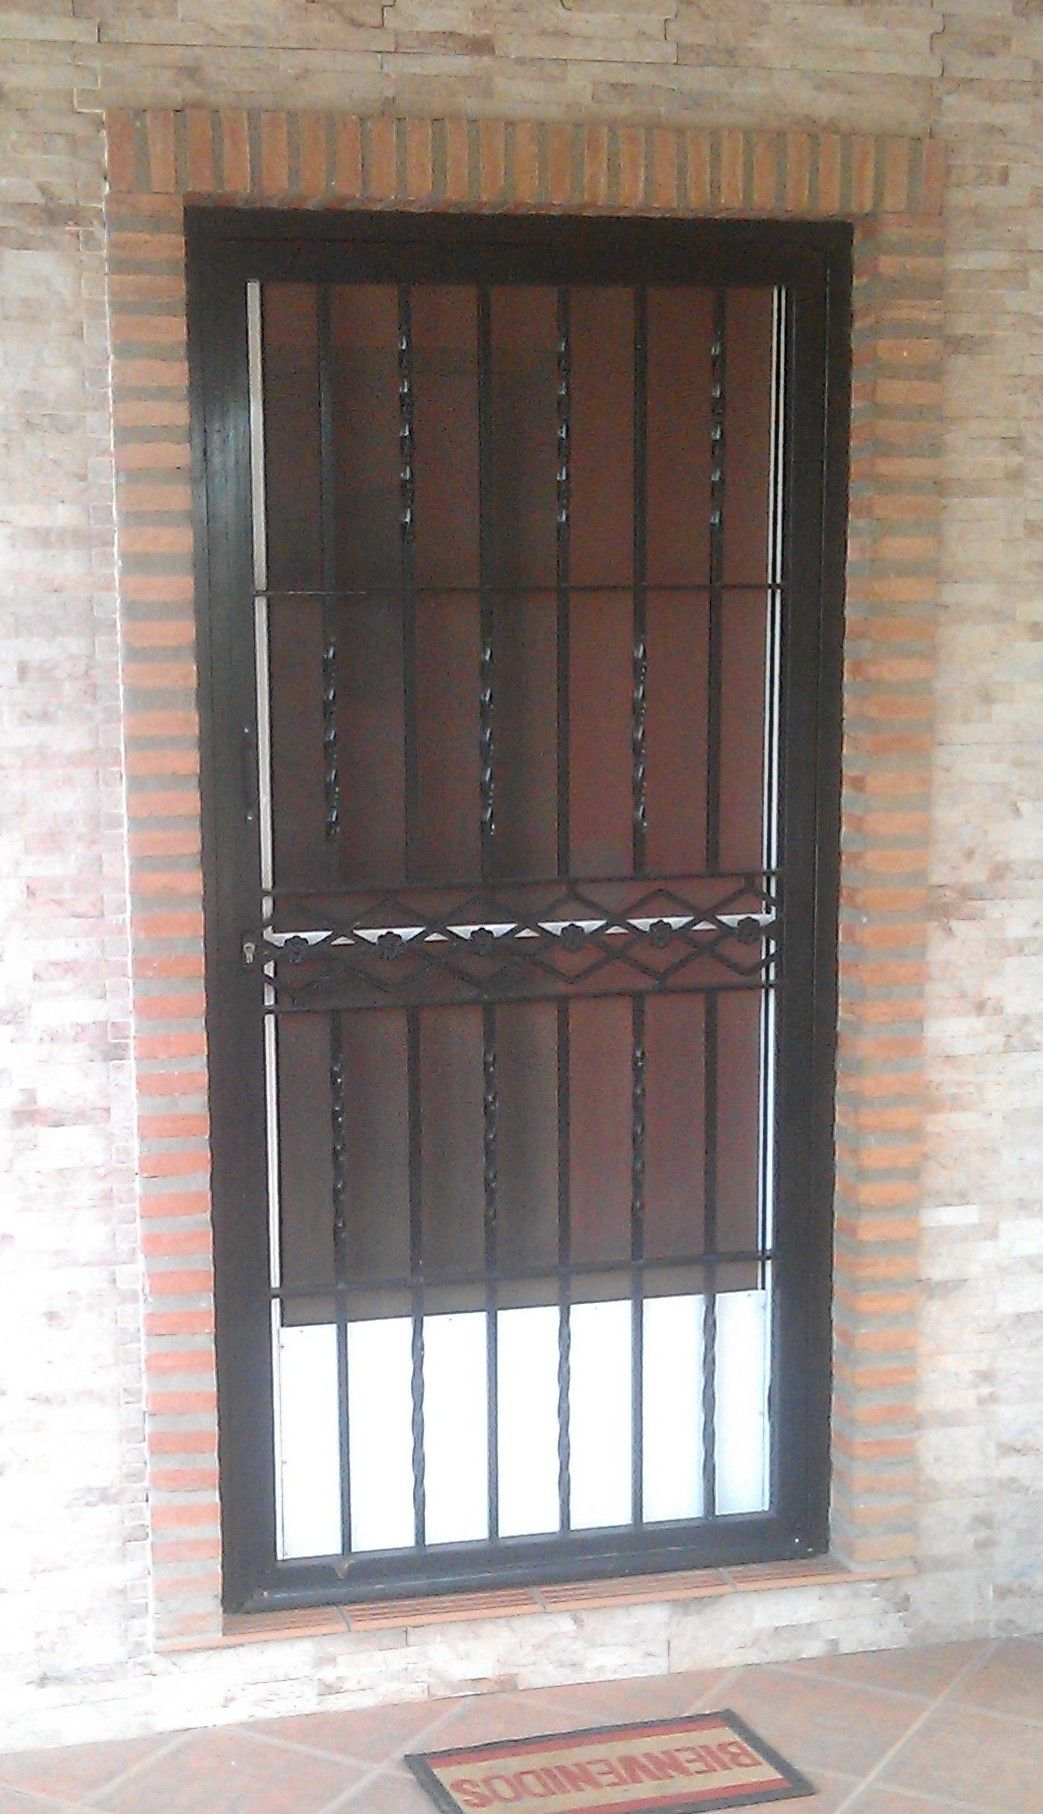 Puerta reja puertas de hierro pinterest puertas - Puertas de reja ...